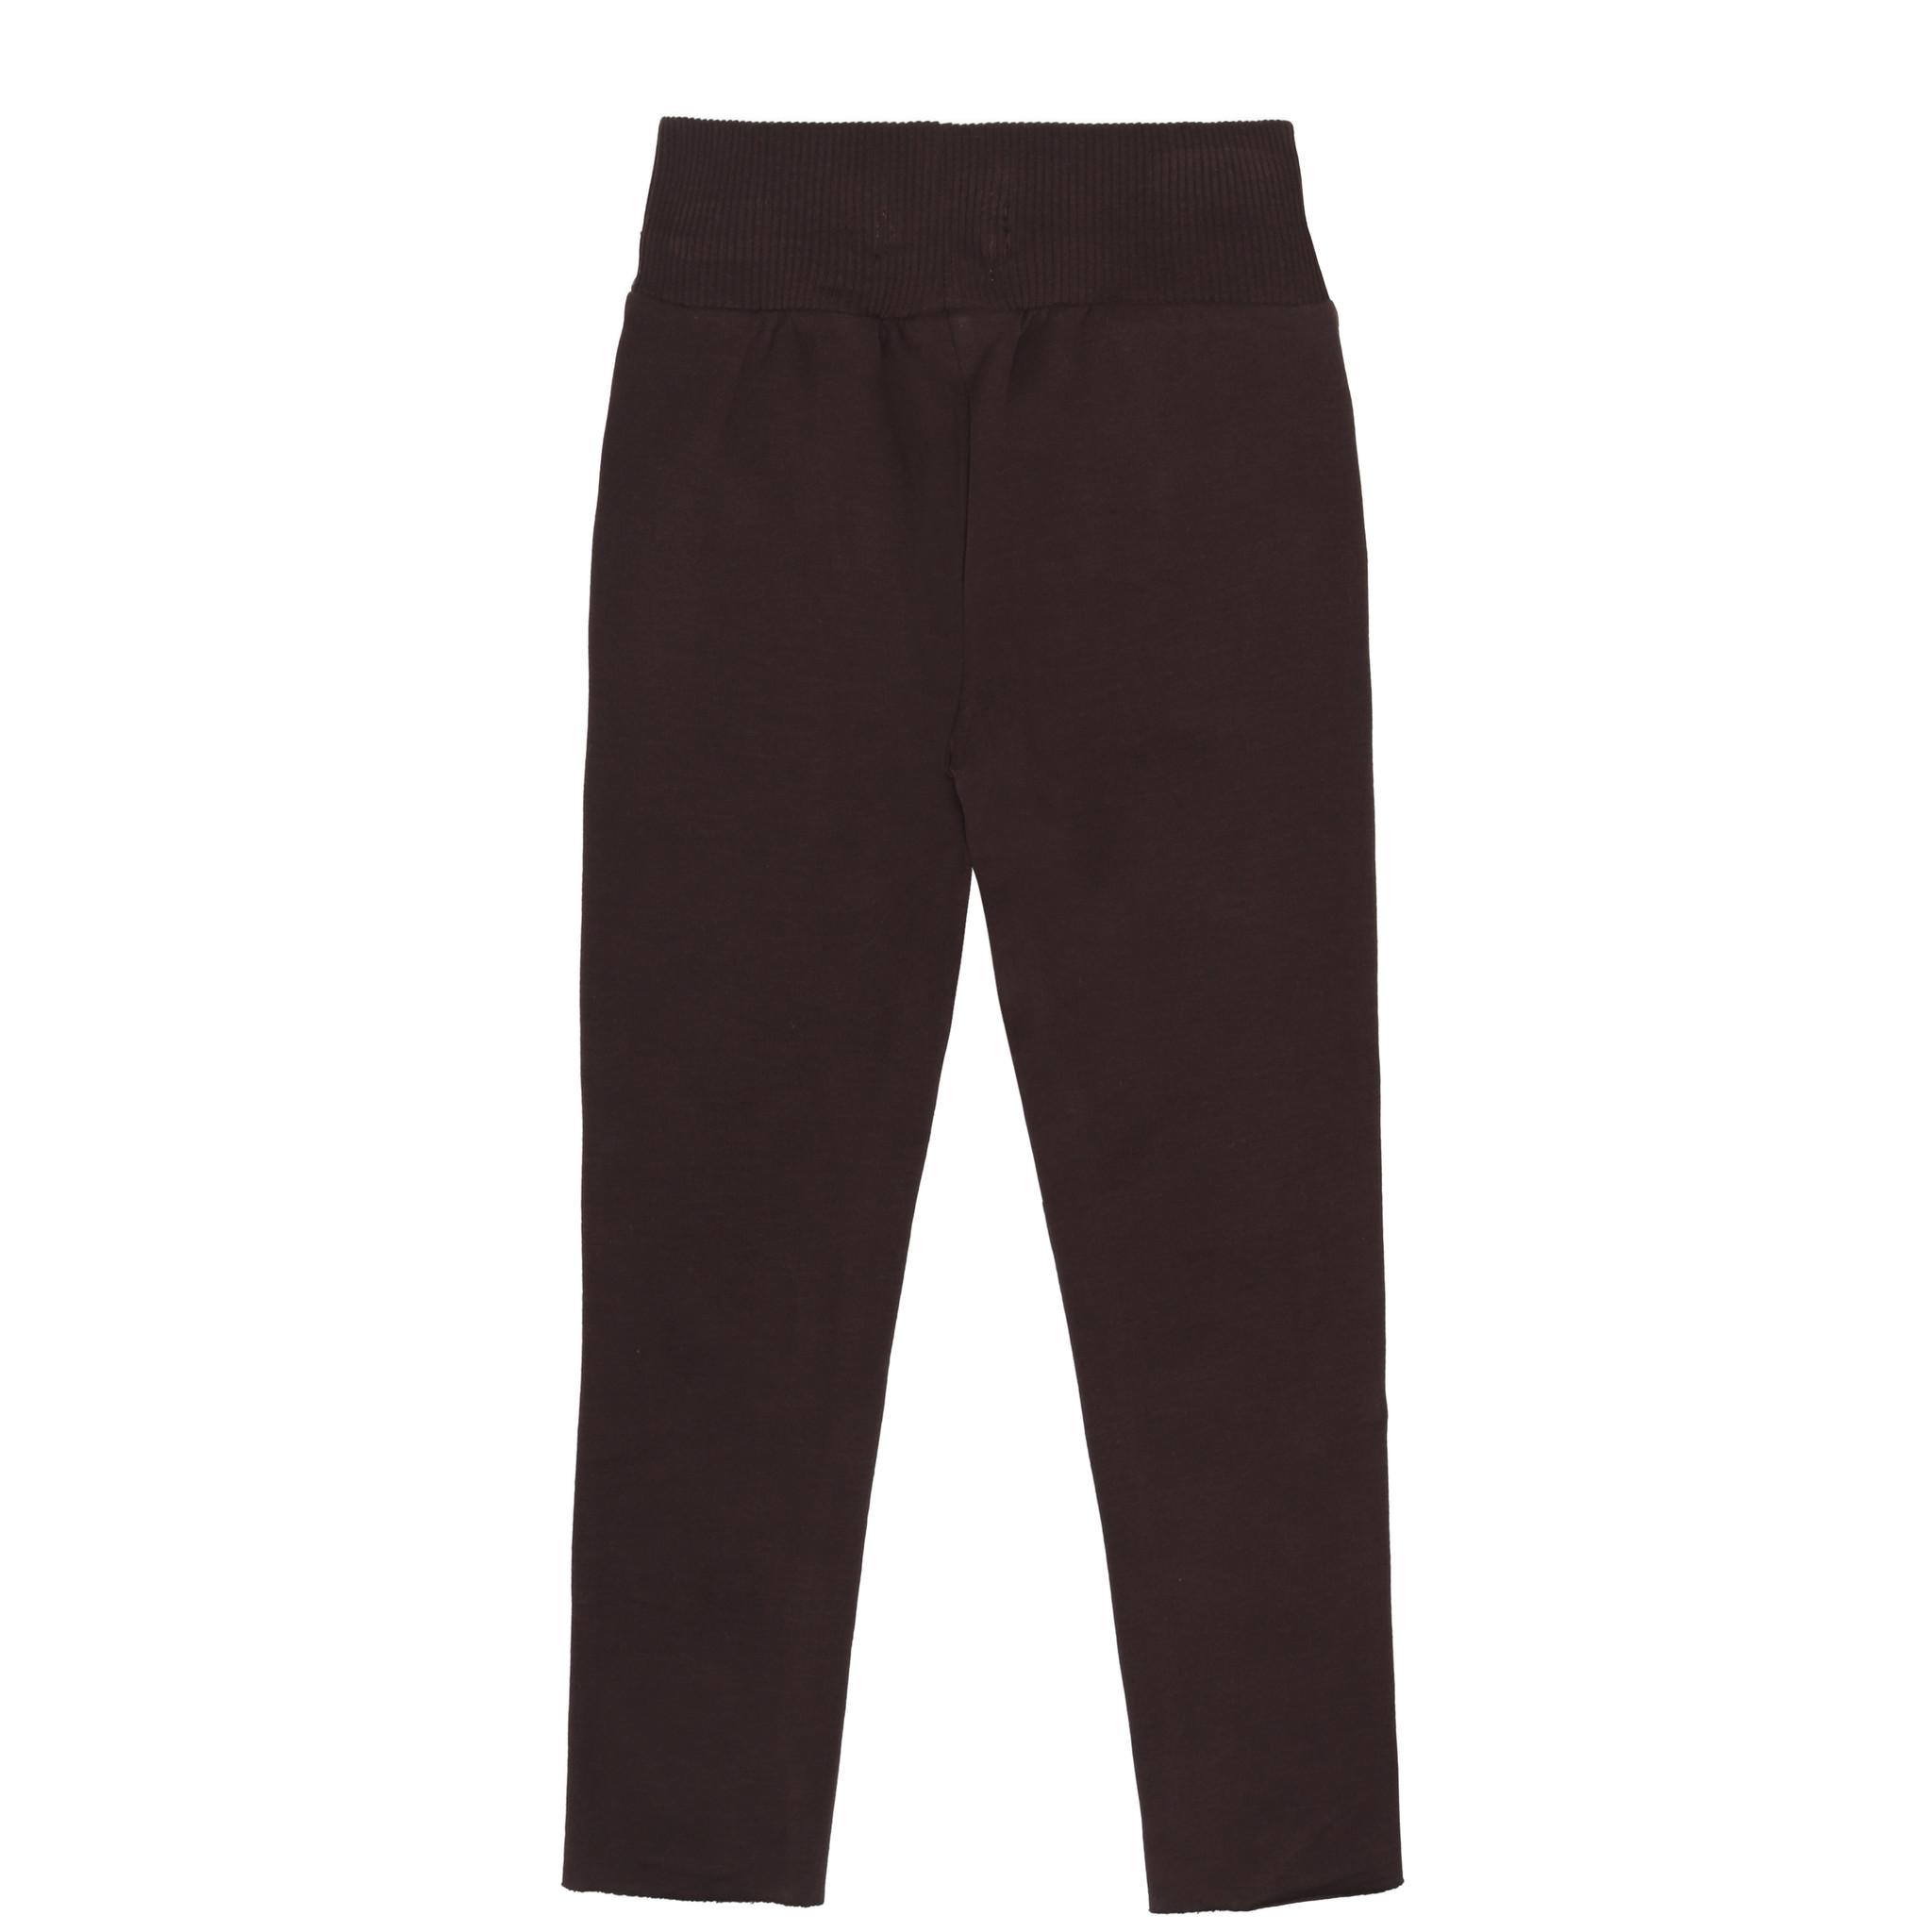 Slim pants - Cacao Nib-3